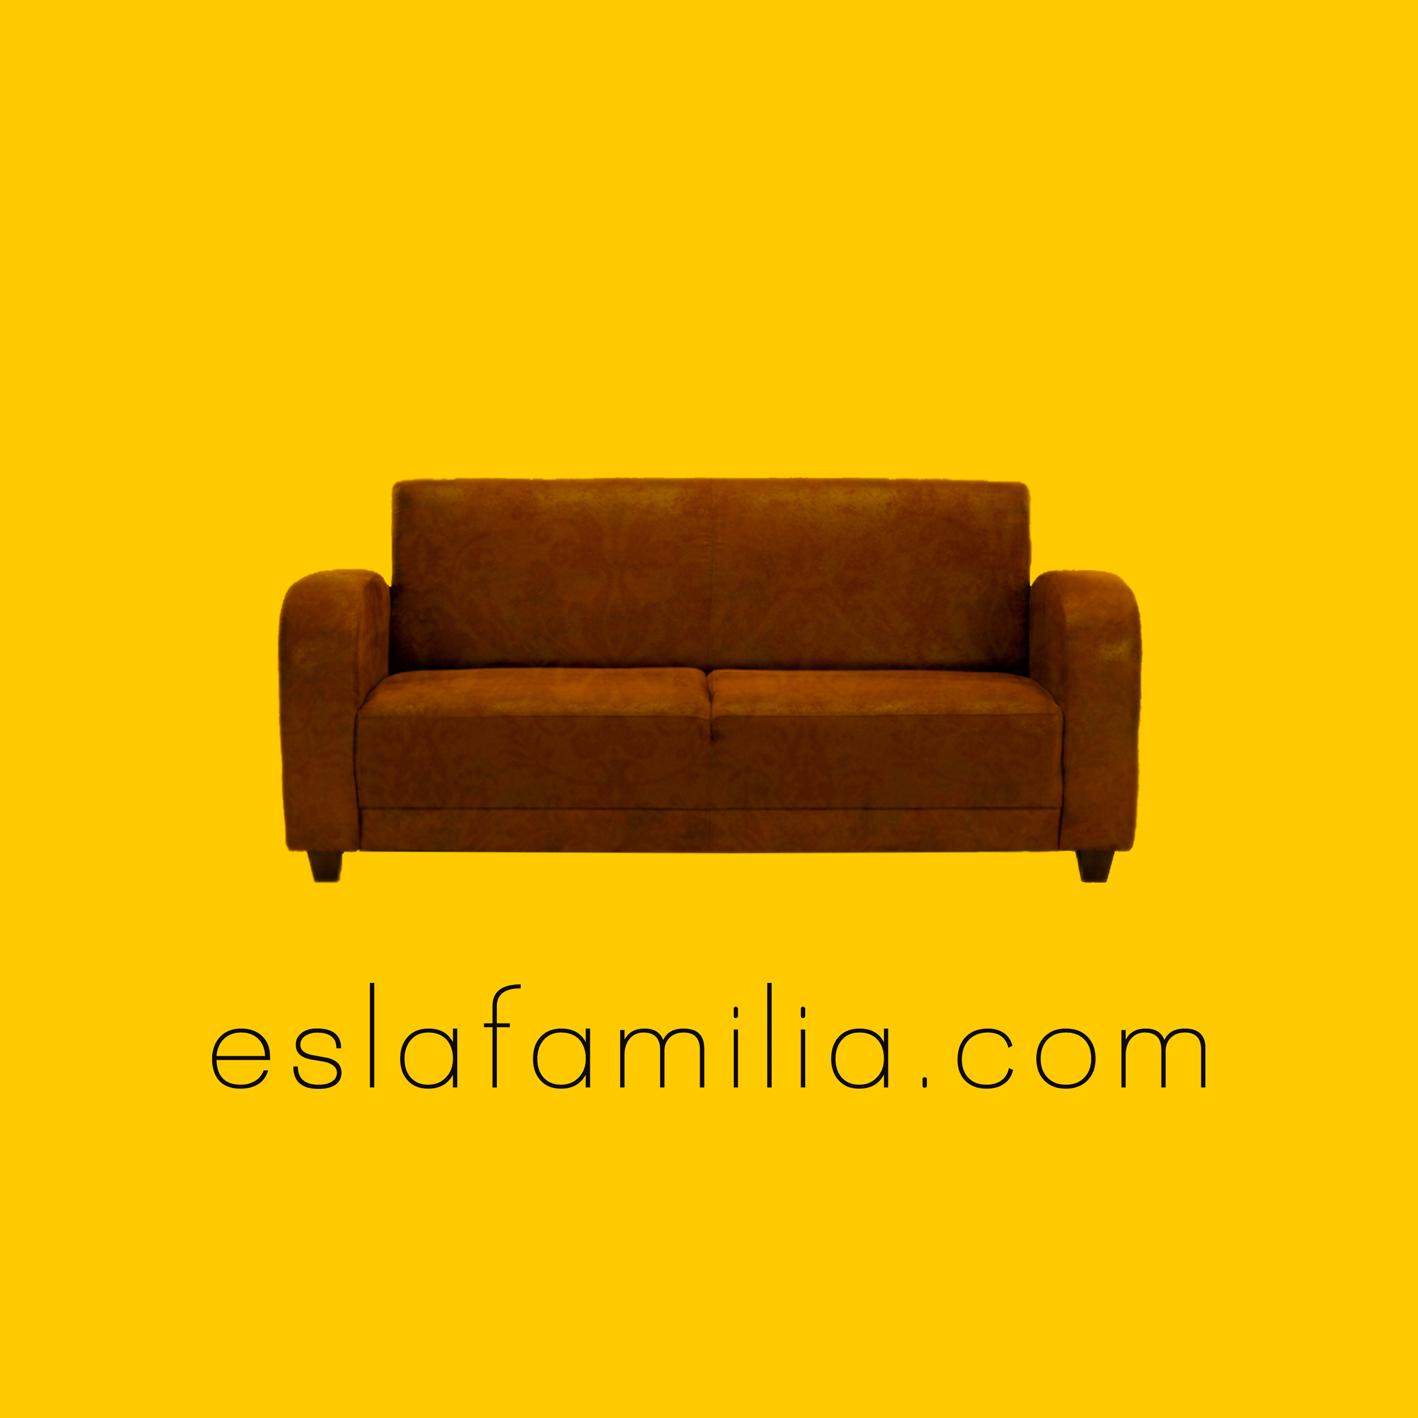 LOGO_ESLAFAMILIA